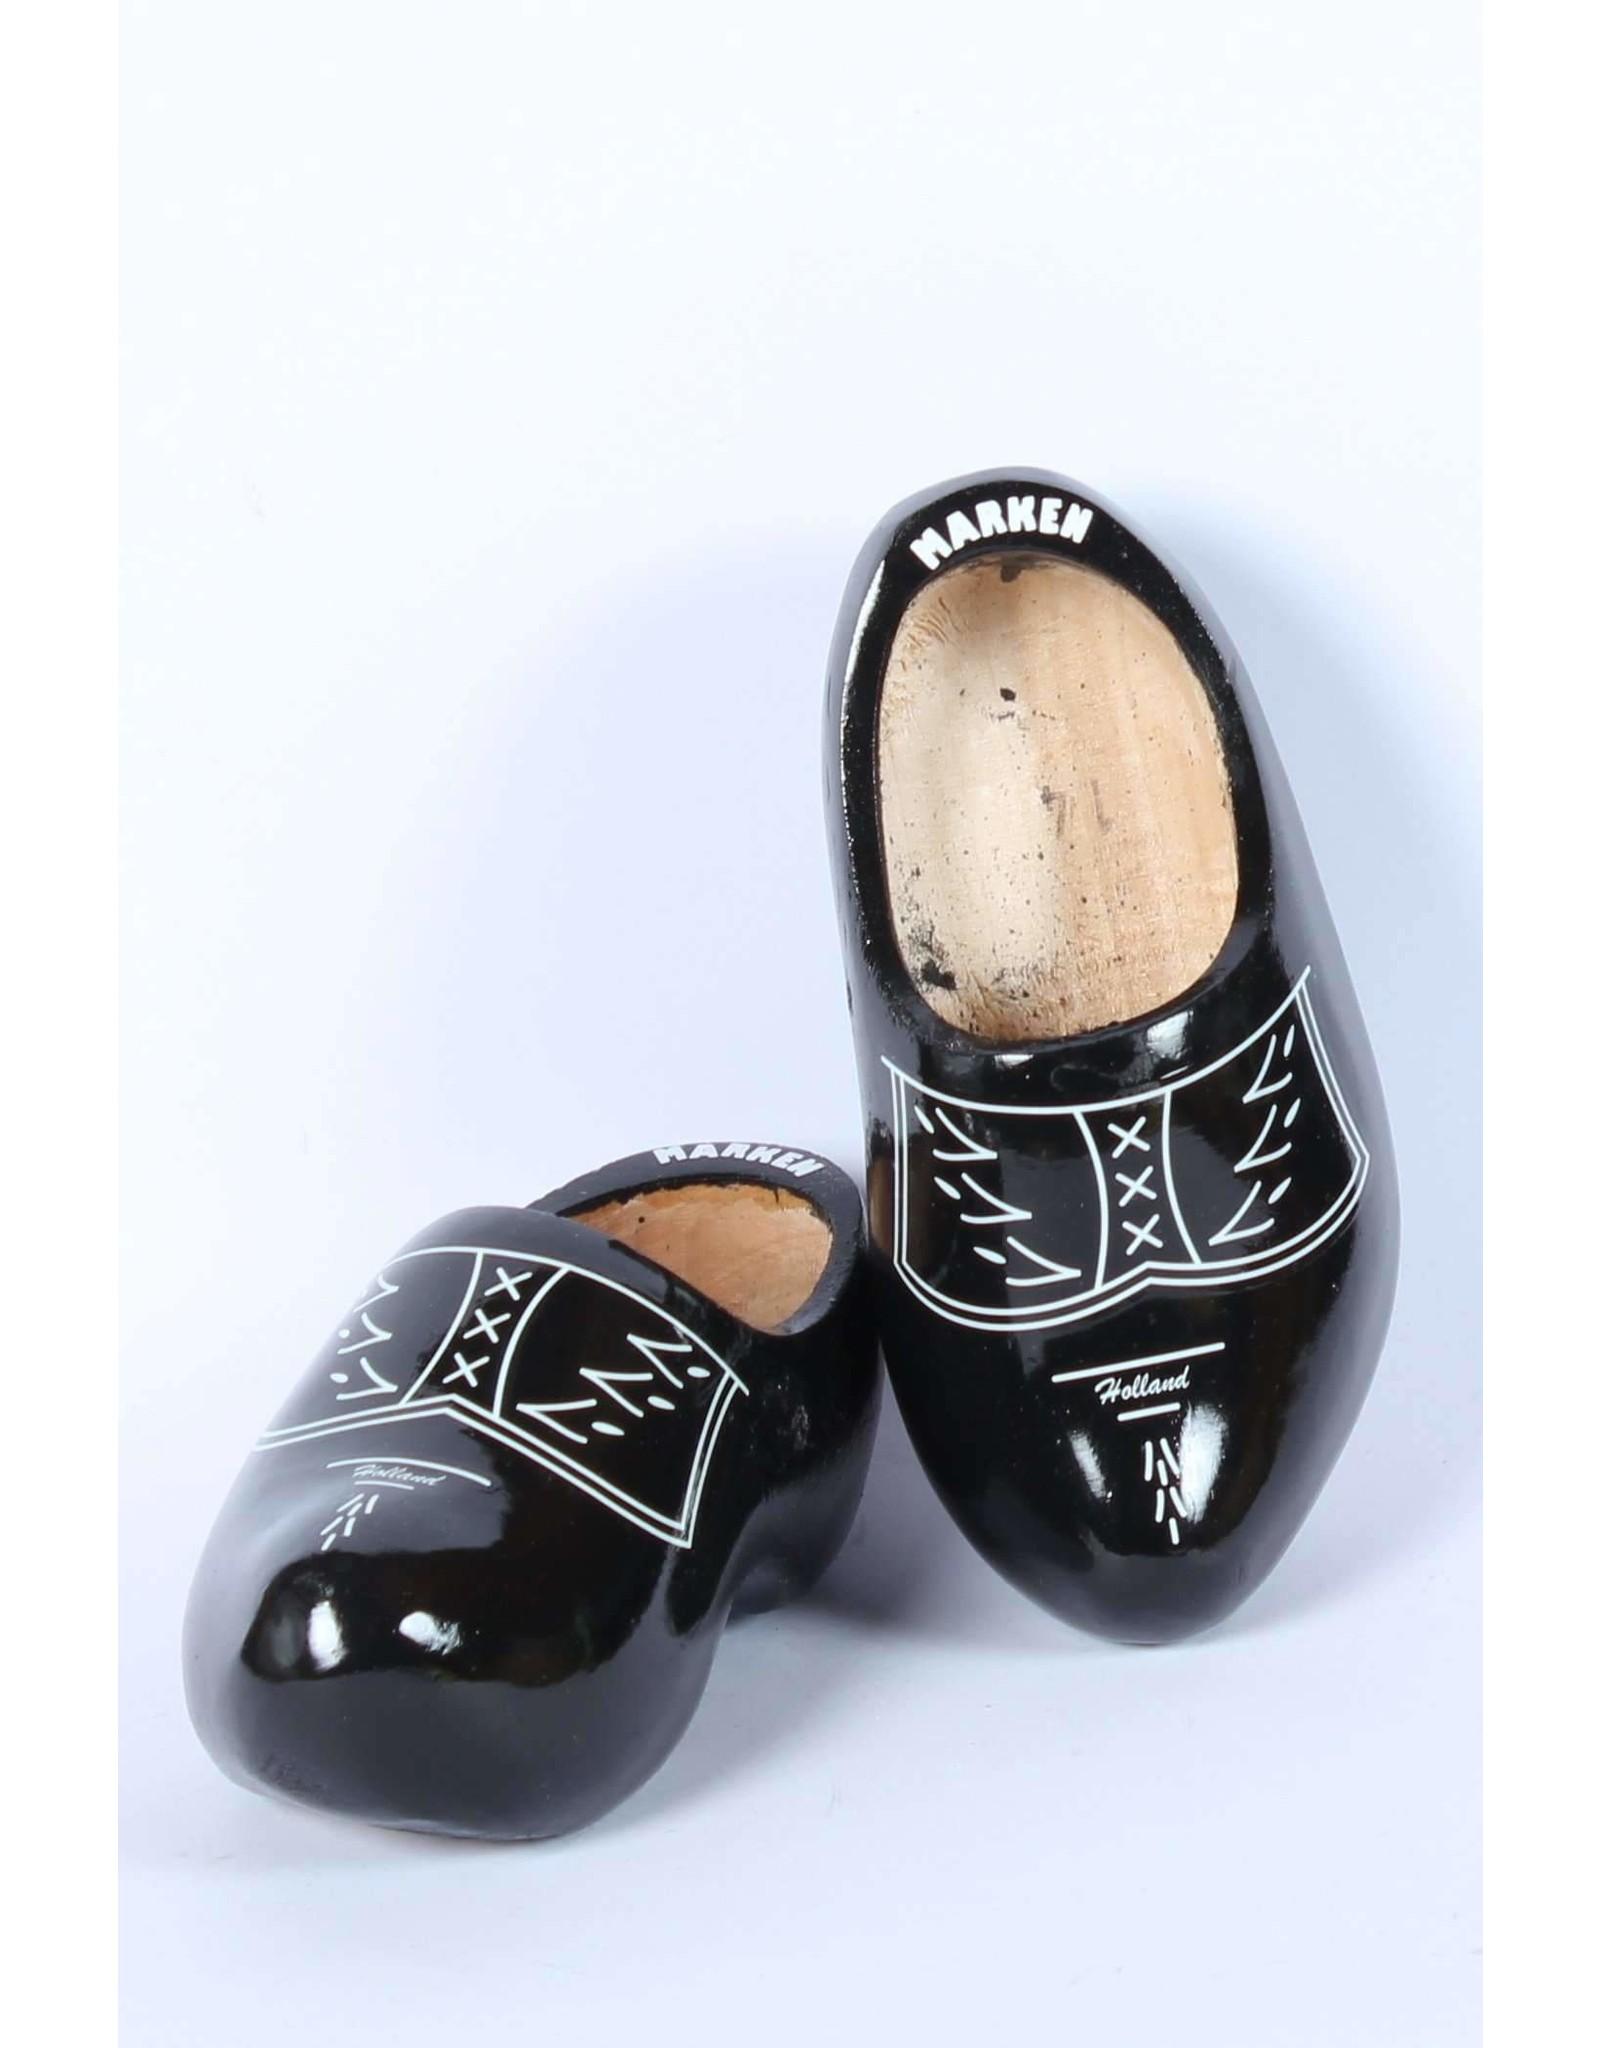 Wooden Shoe Factory Marken Klompen,  Zwart Traditioneel Boeren